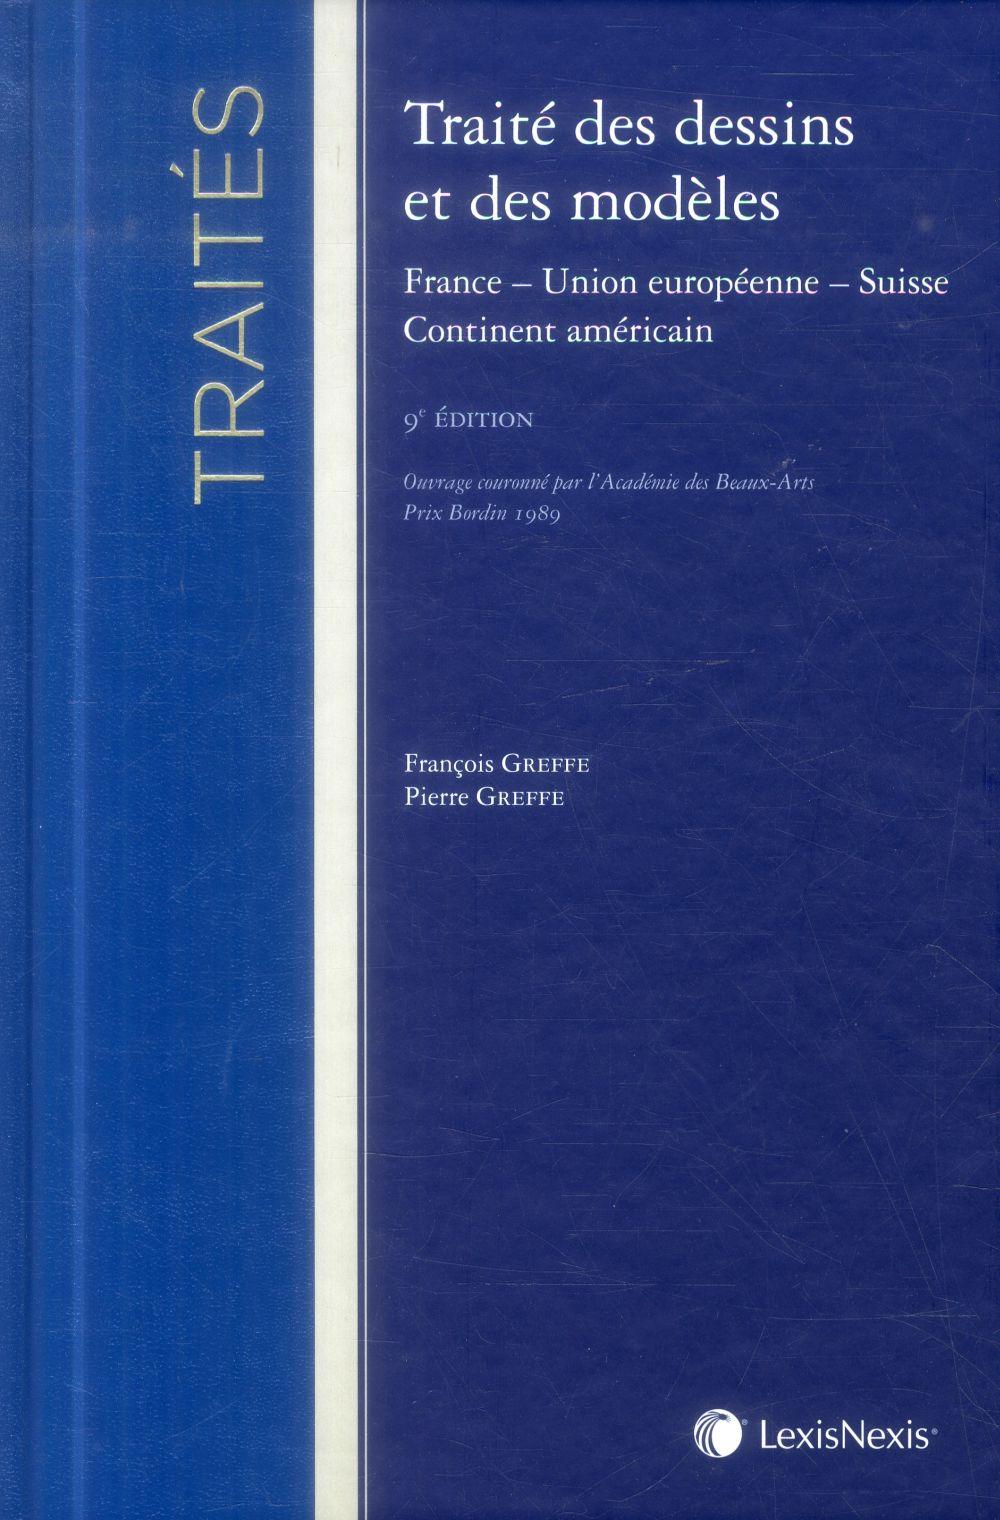 TRAITE DES DESSINS ET MODELES FRANCE UNION EUROPEENNE SUISSE CONTINENT AMERICAIN - FRANCE - UNION EU